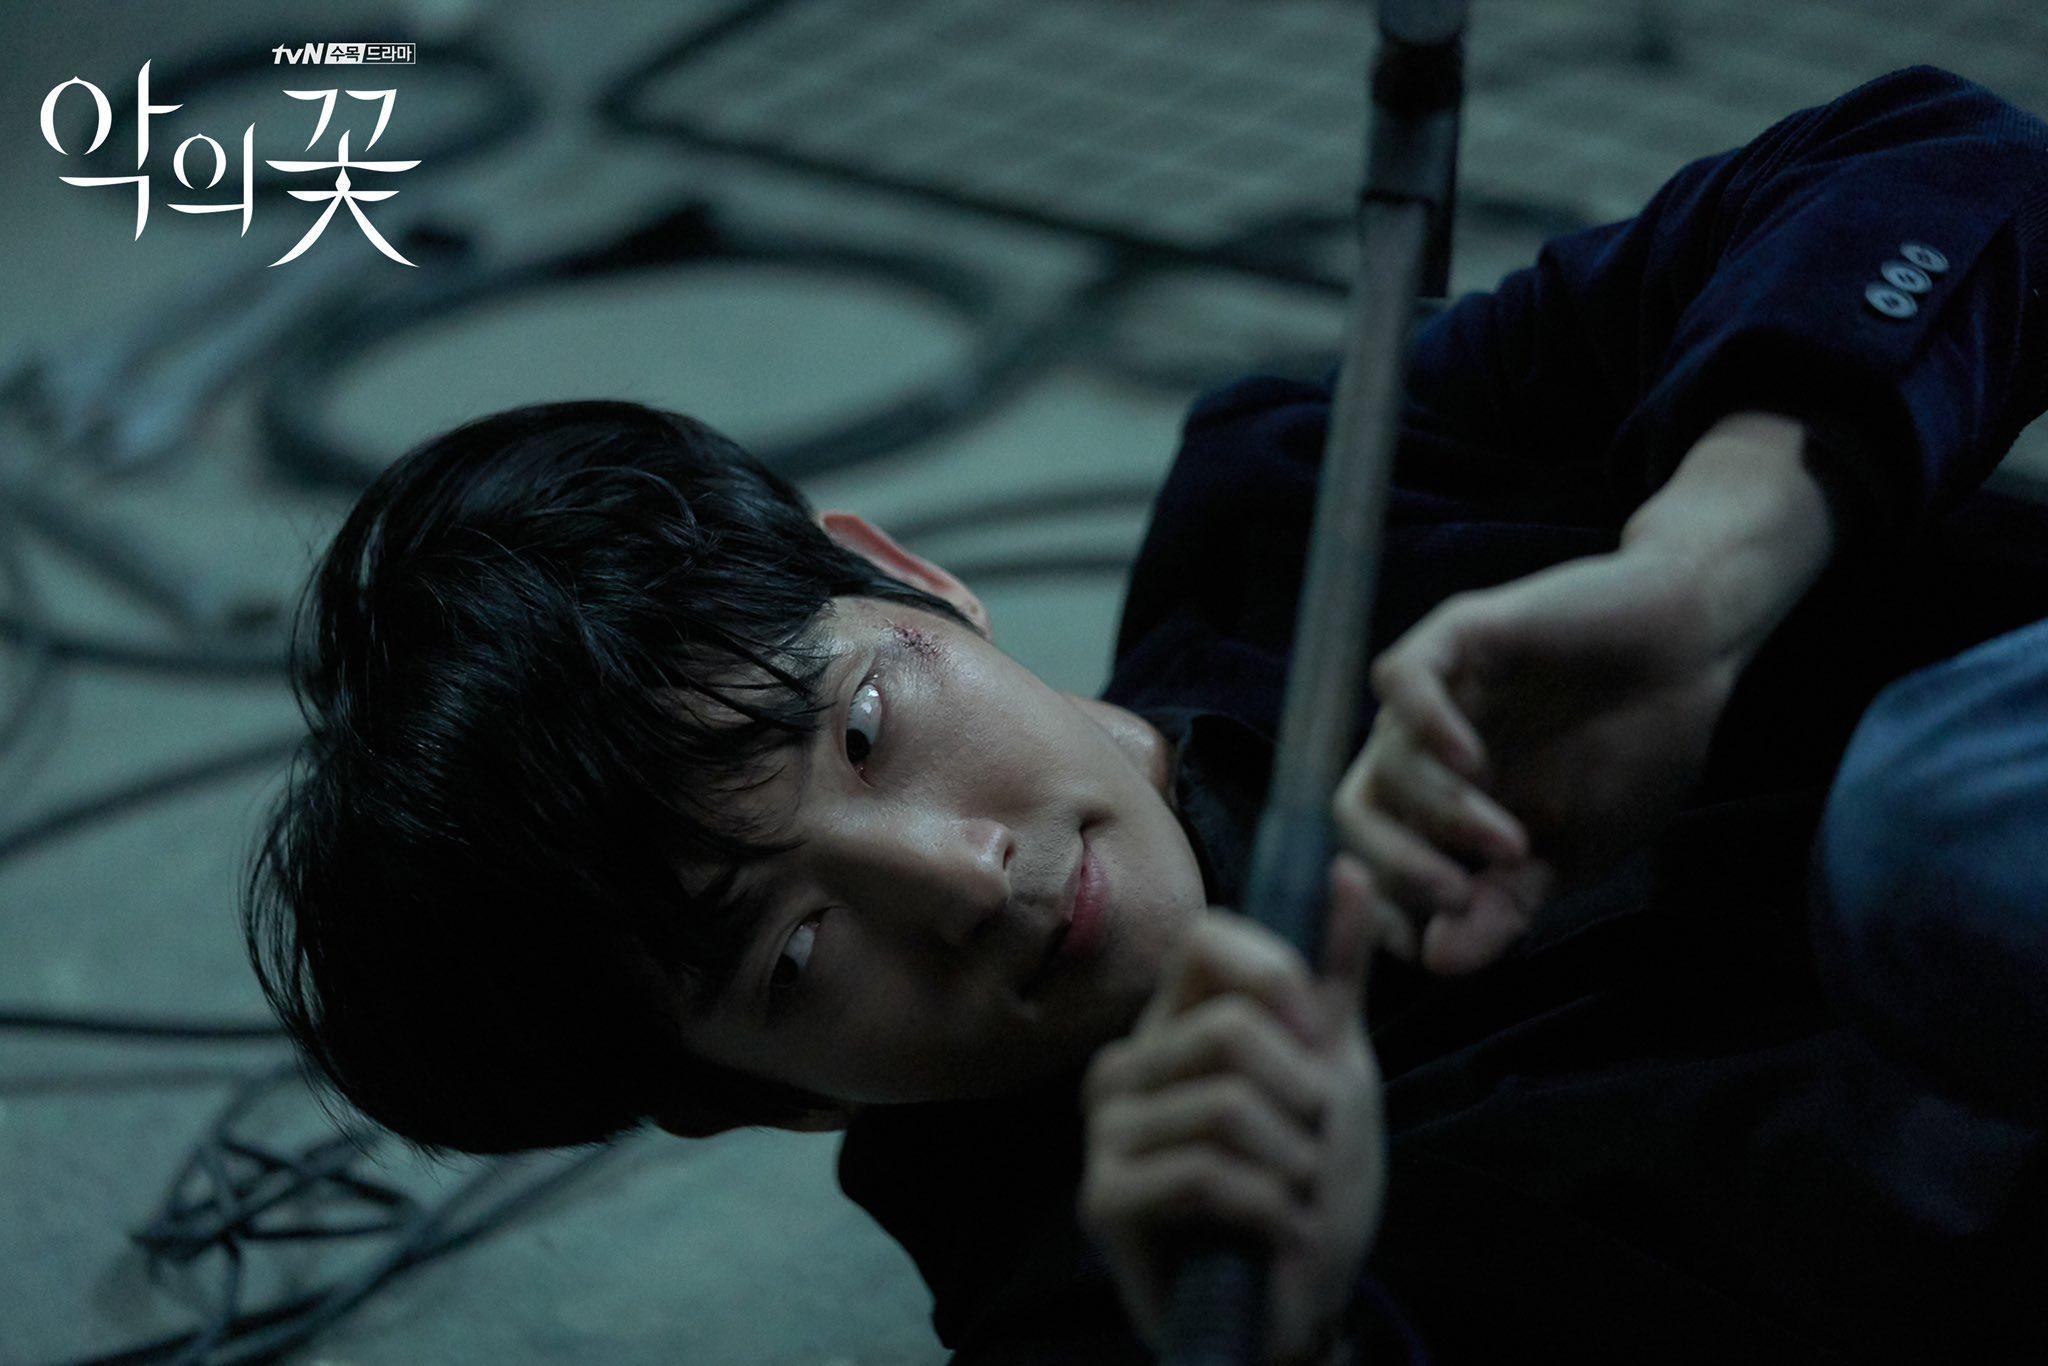 3 nhân vật điên loạn đỉnh nhất phim Hàn 2020: Seo Ye Ji, Lee Jun Ki 'hở là doạ giết', riêng Kim Dami tạo ra trend nữ quyền mới 6